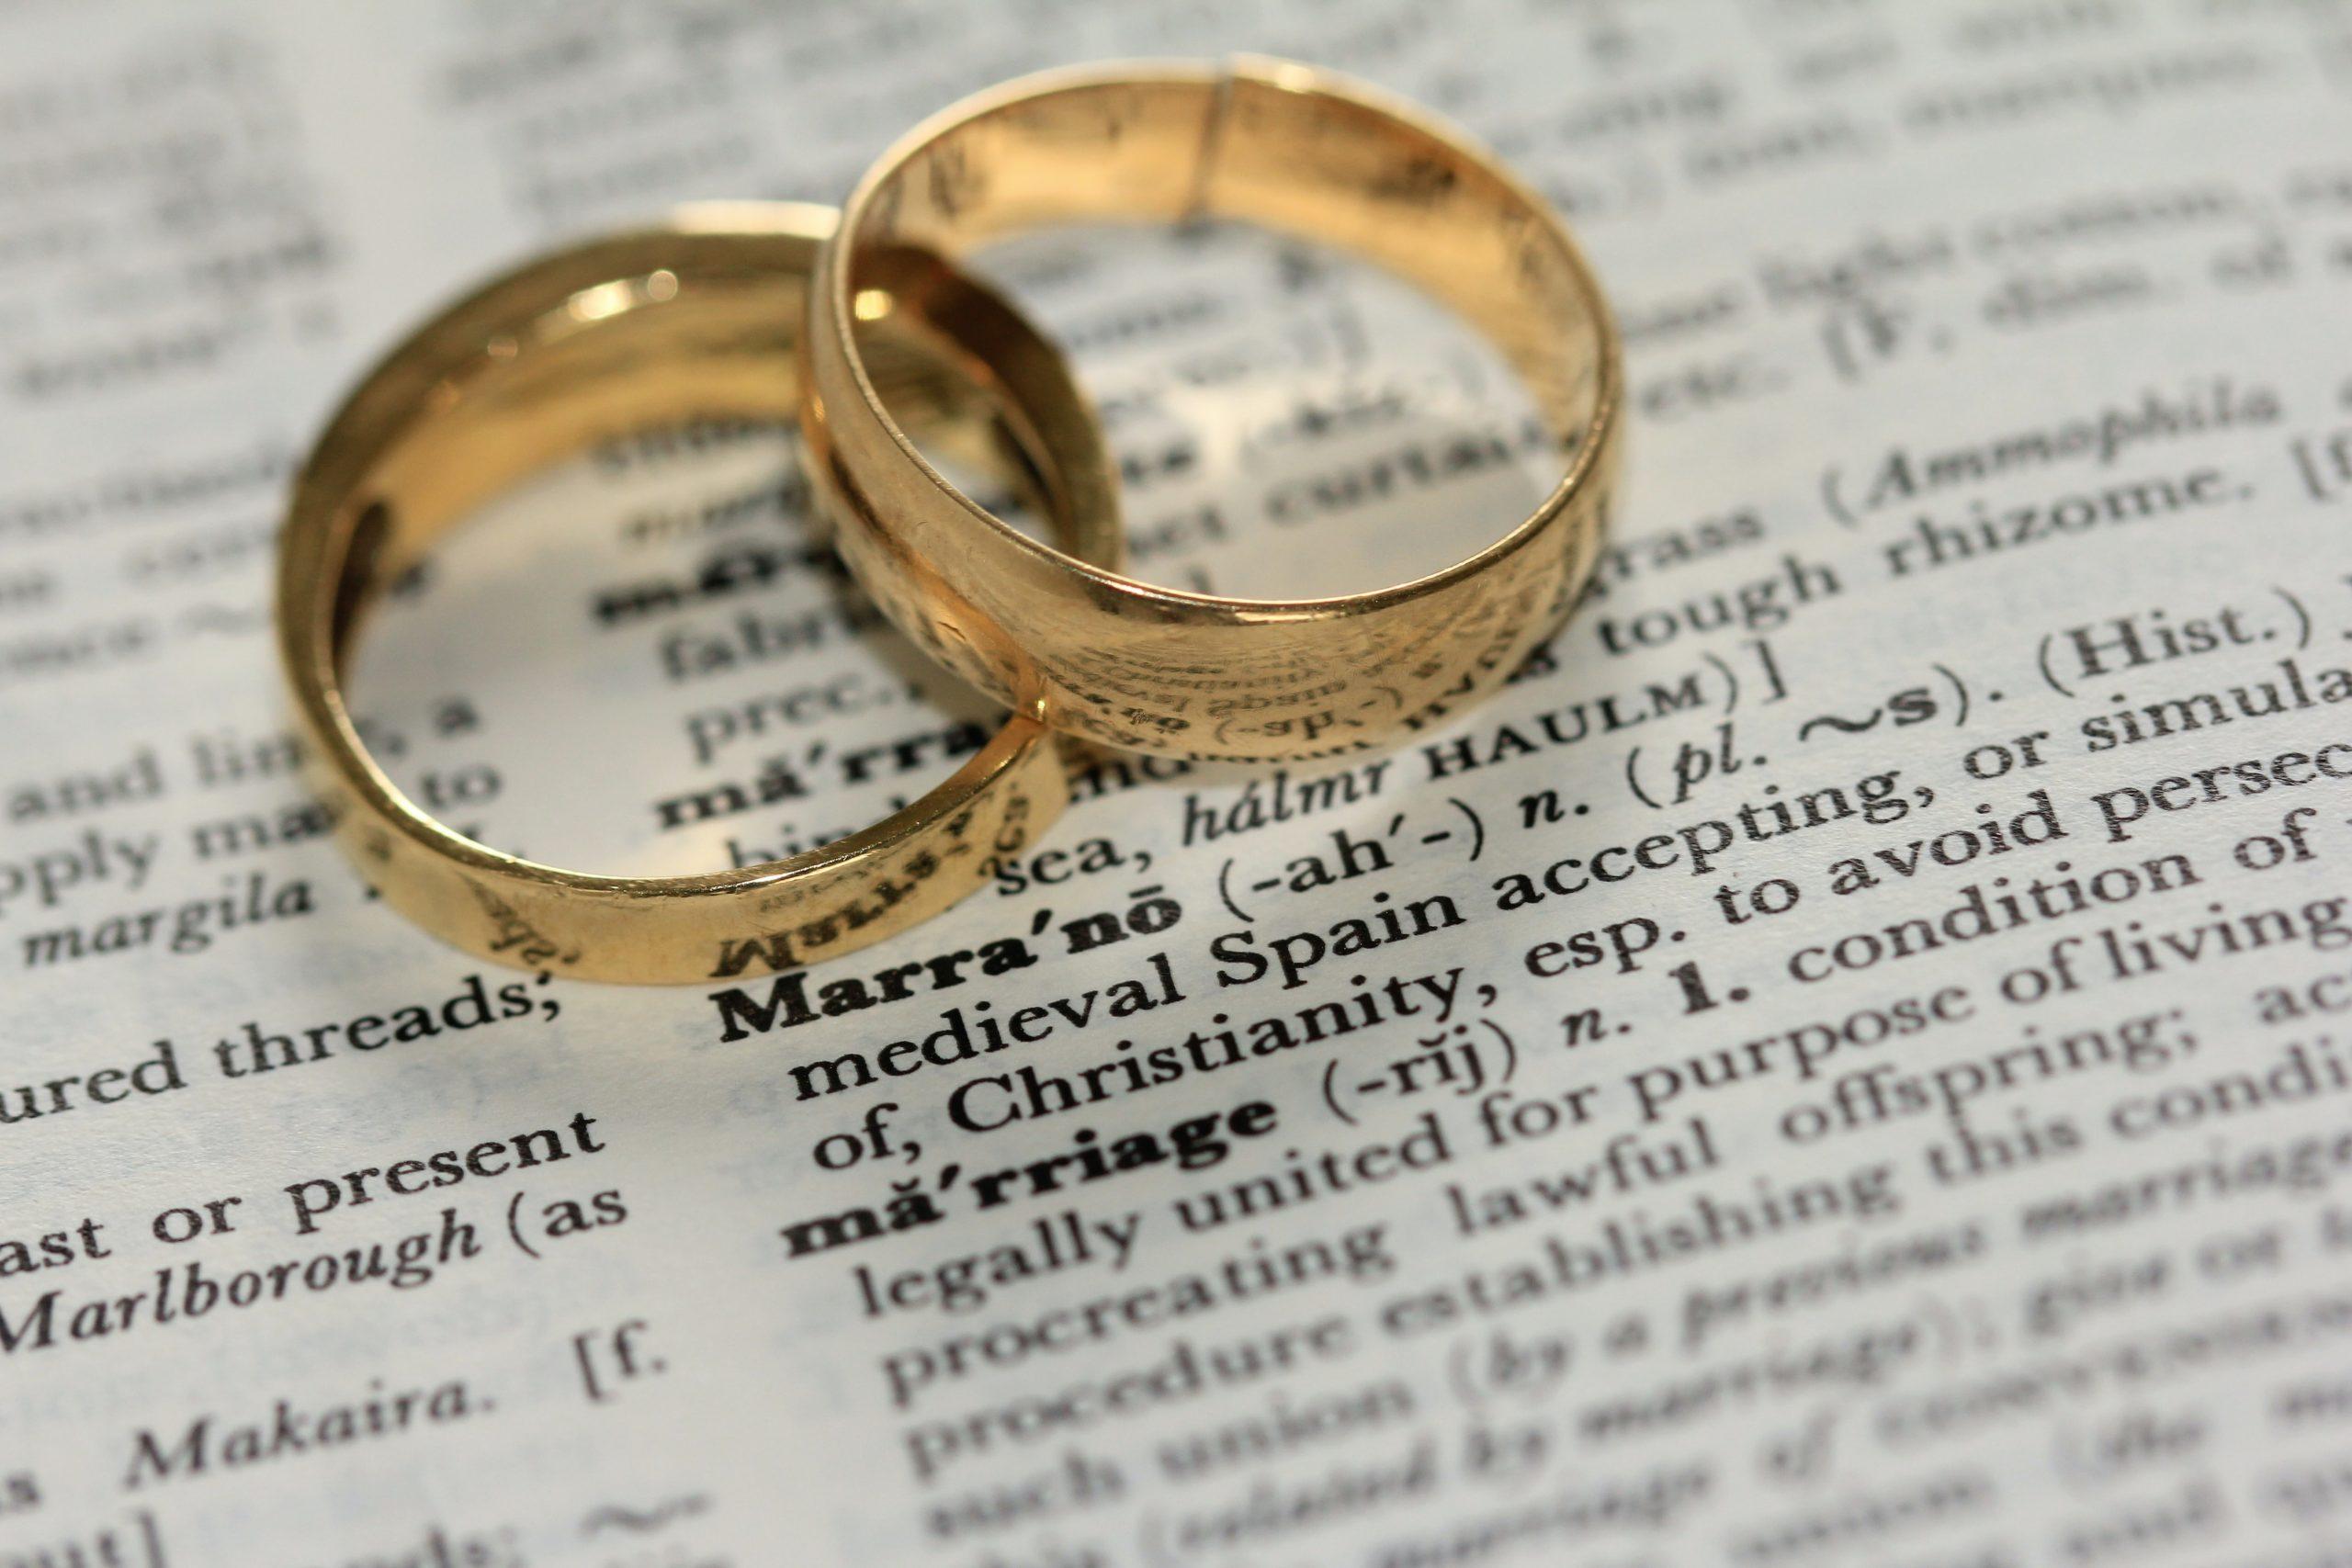 あなたの『結婚相手』はこの人です!運命の相手との出会い&恋愛&婚期